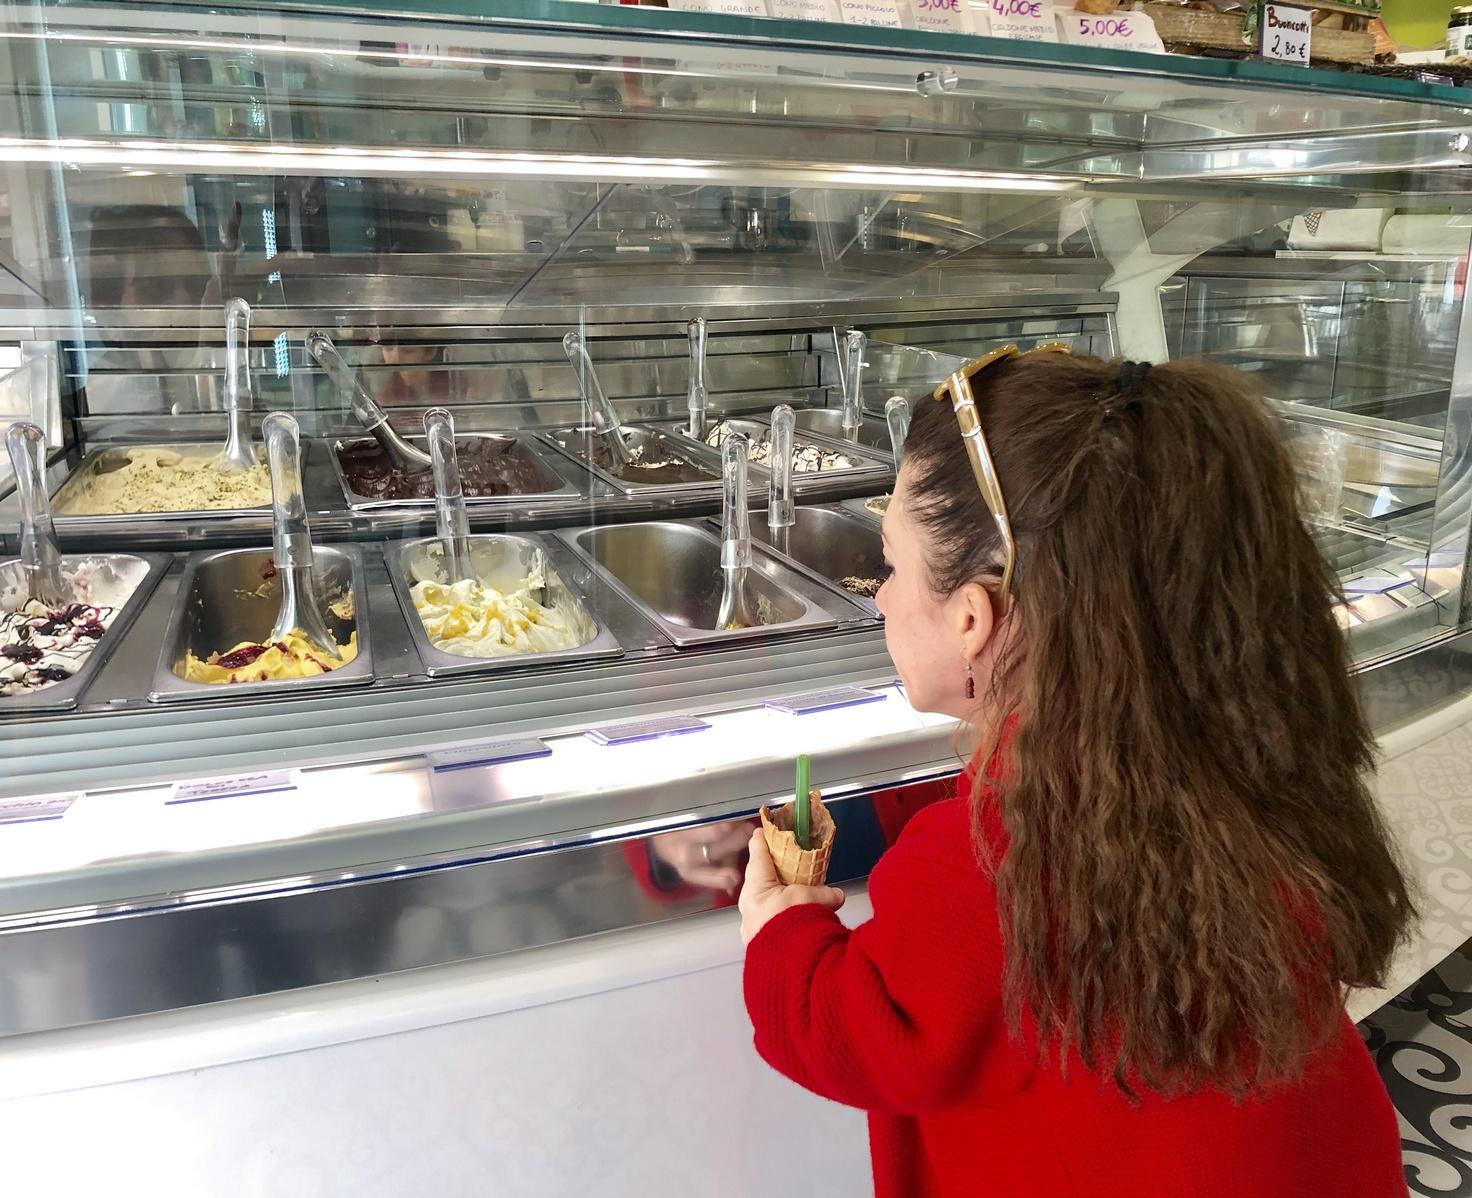 Nanabianca davanti al bancone dei gelati È Buono